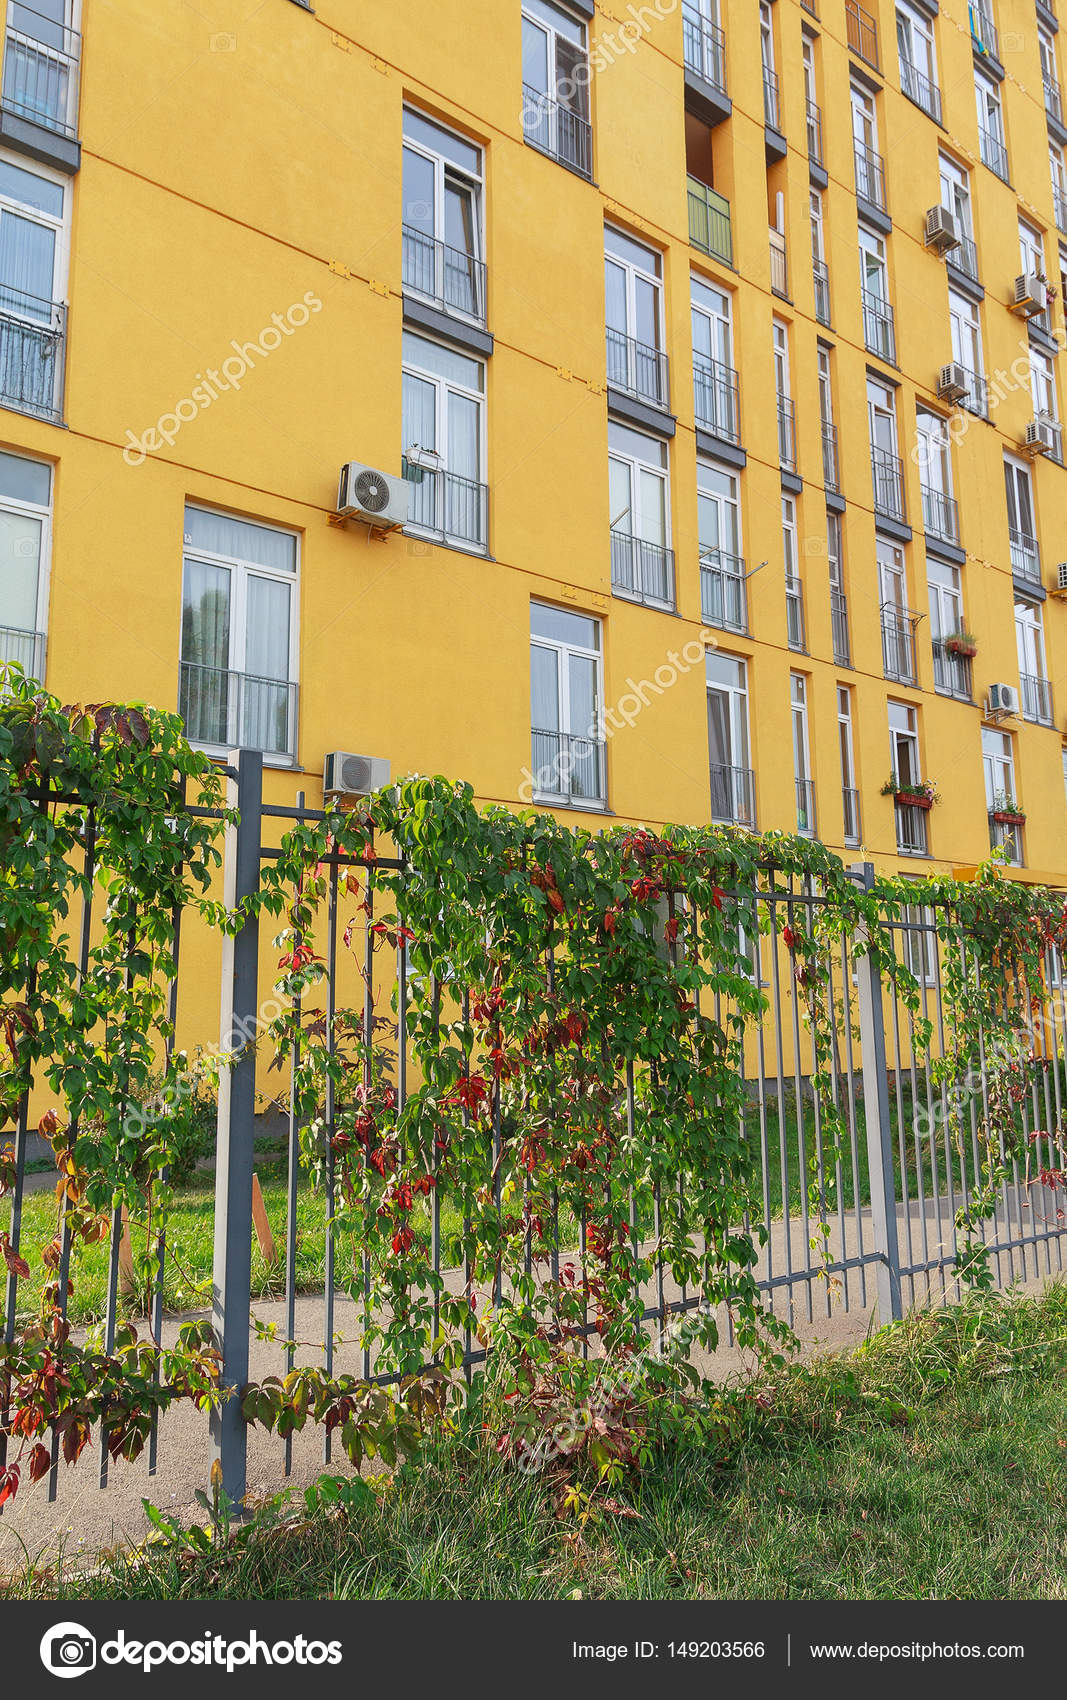 Fassade Ein Modernes Mehrstockiges Haus Und Einen Zaun Mit Efeu